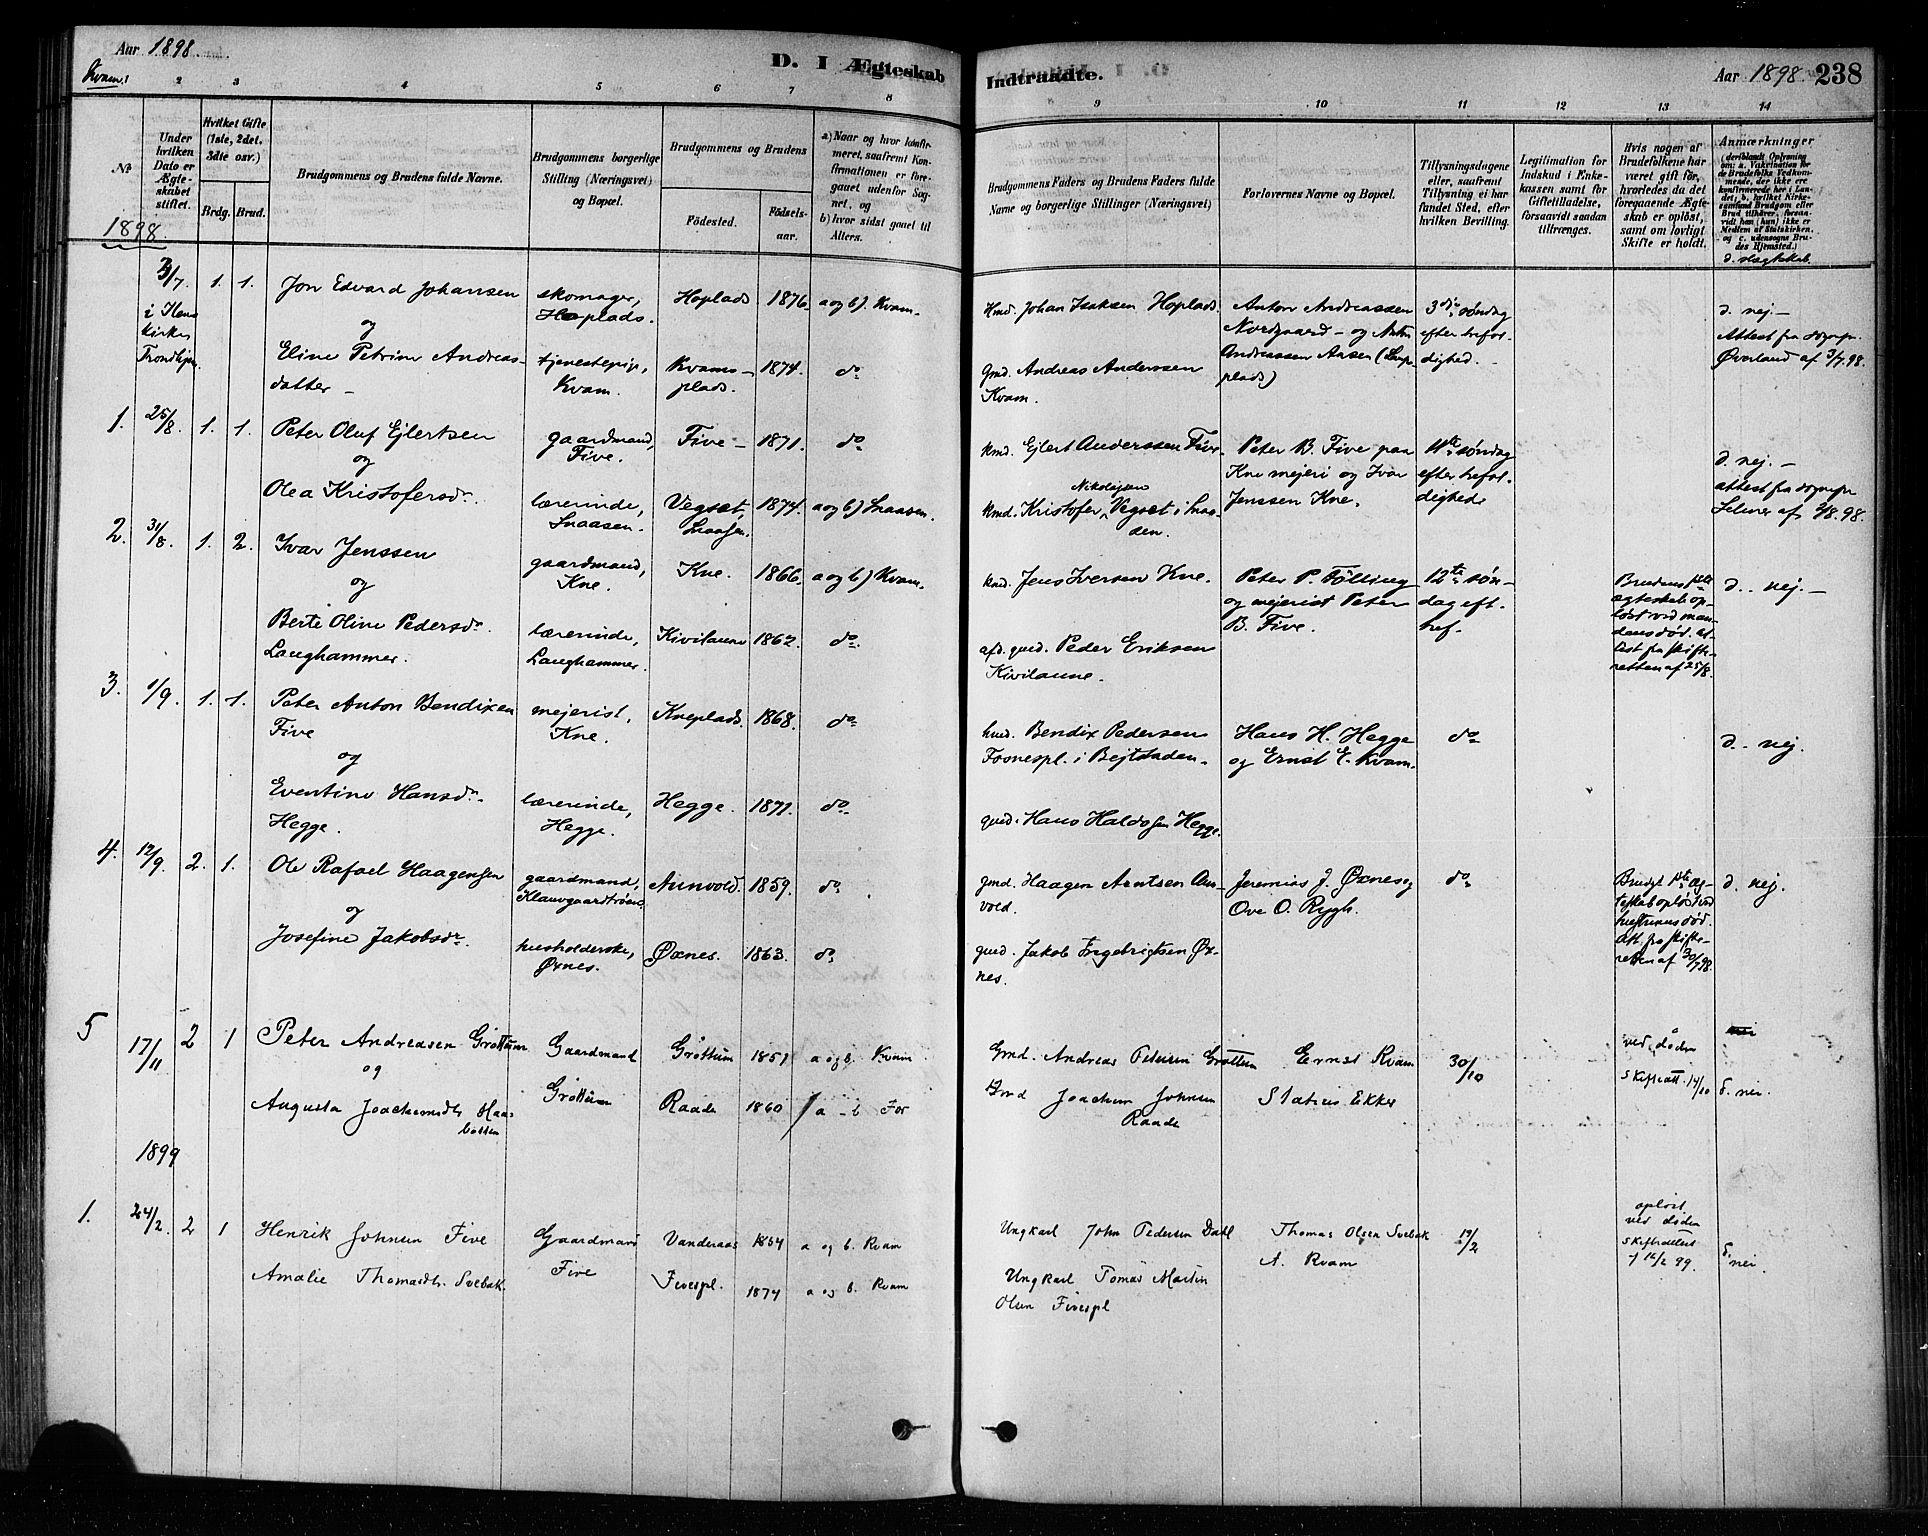 SAT, Ministerialprotokoller, klokkerbøker og fødselsregistre - Nord-Trøndelag, 746/L0449: Ministerialbok nr. 746A07 /2, 1878-1899, s. 238